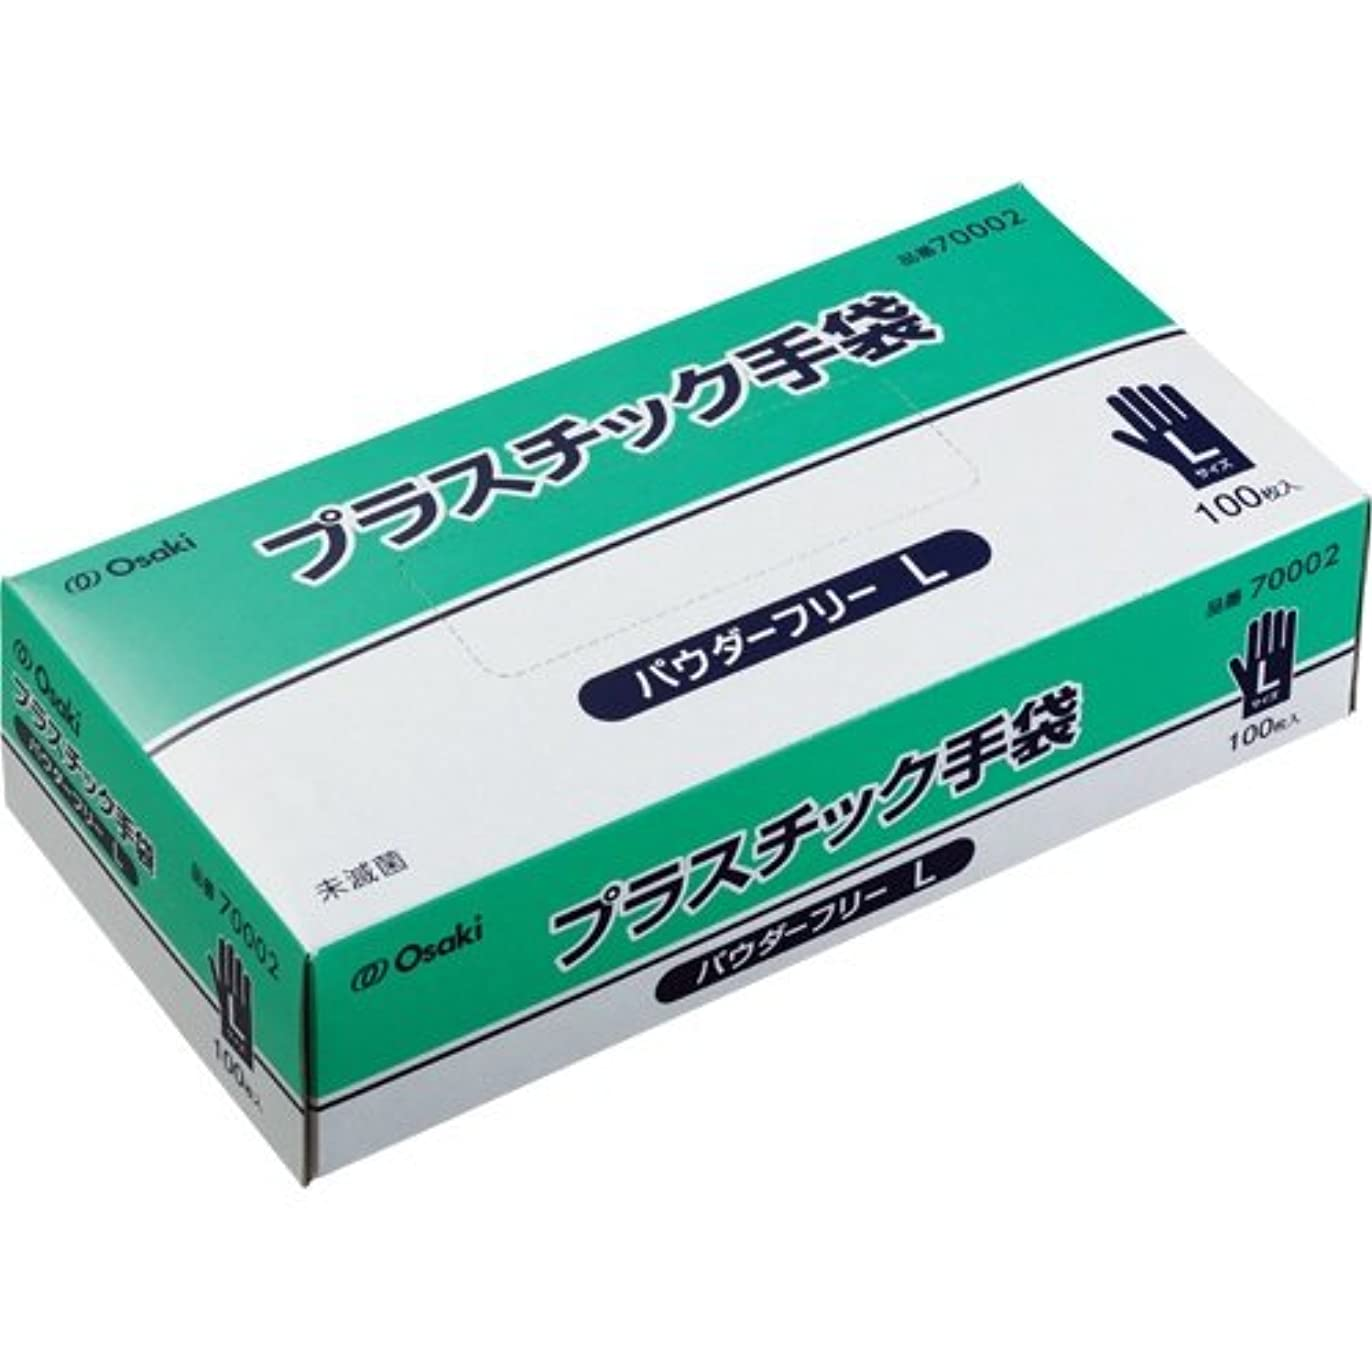 ラップトップ荒野結び目オオサキメディカル オオサキプラスチック手袋 パウダーフリー L 70002 1セット(2000枚:100枚×20箱)